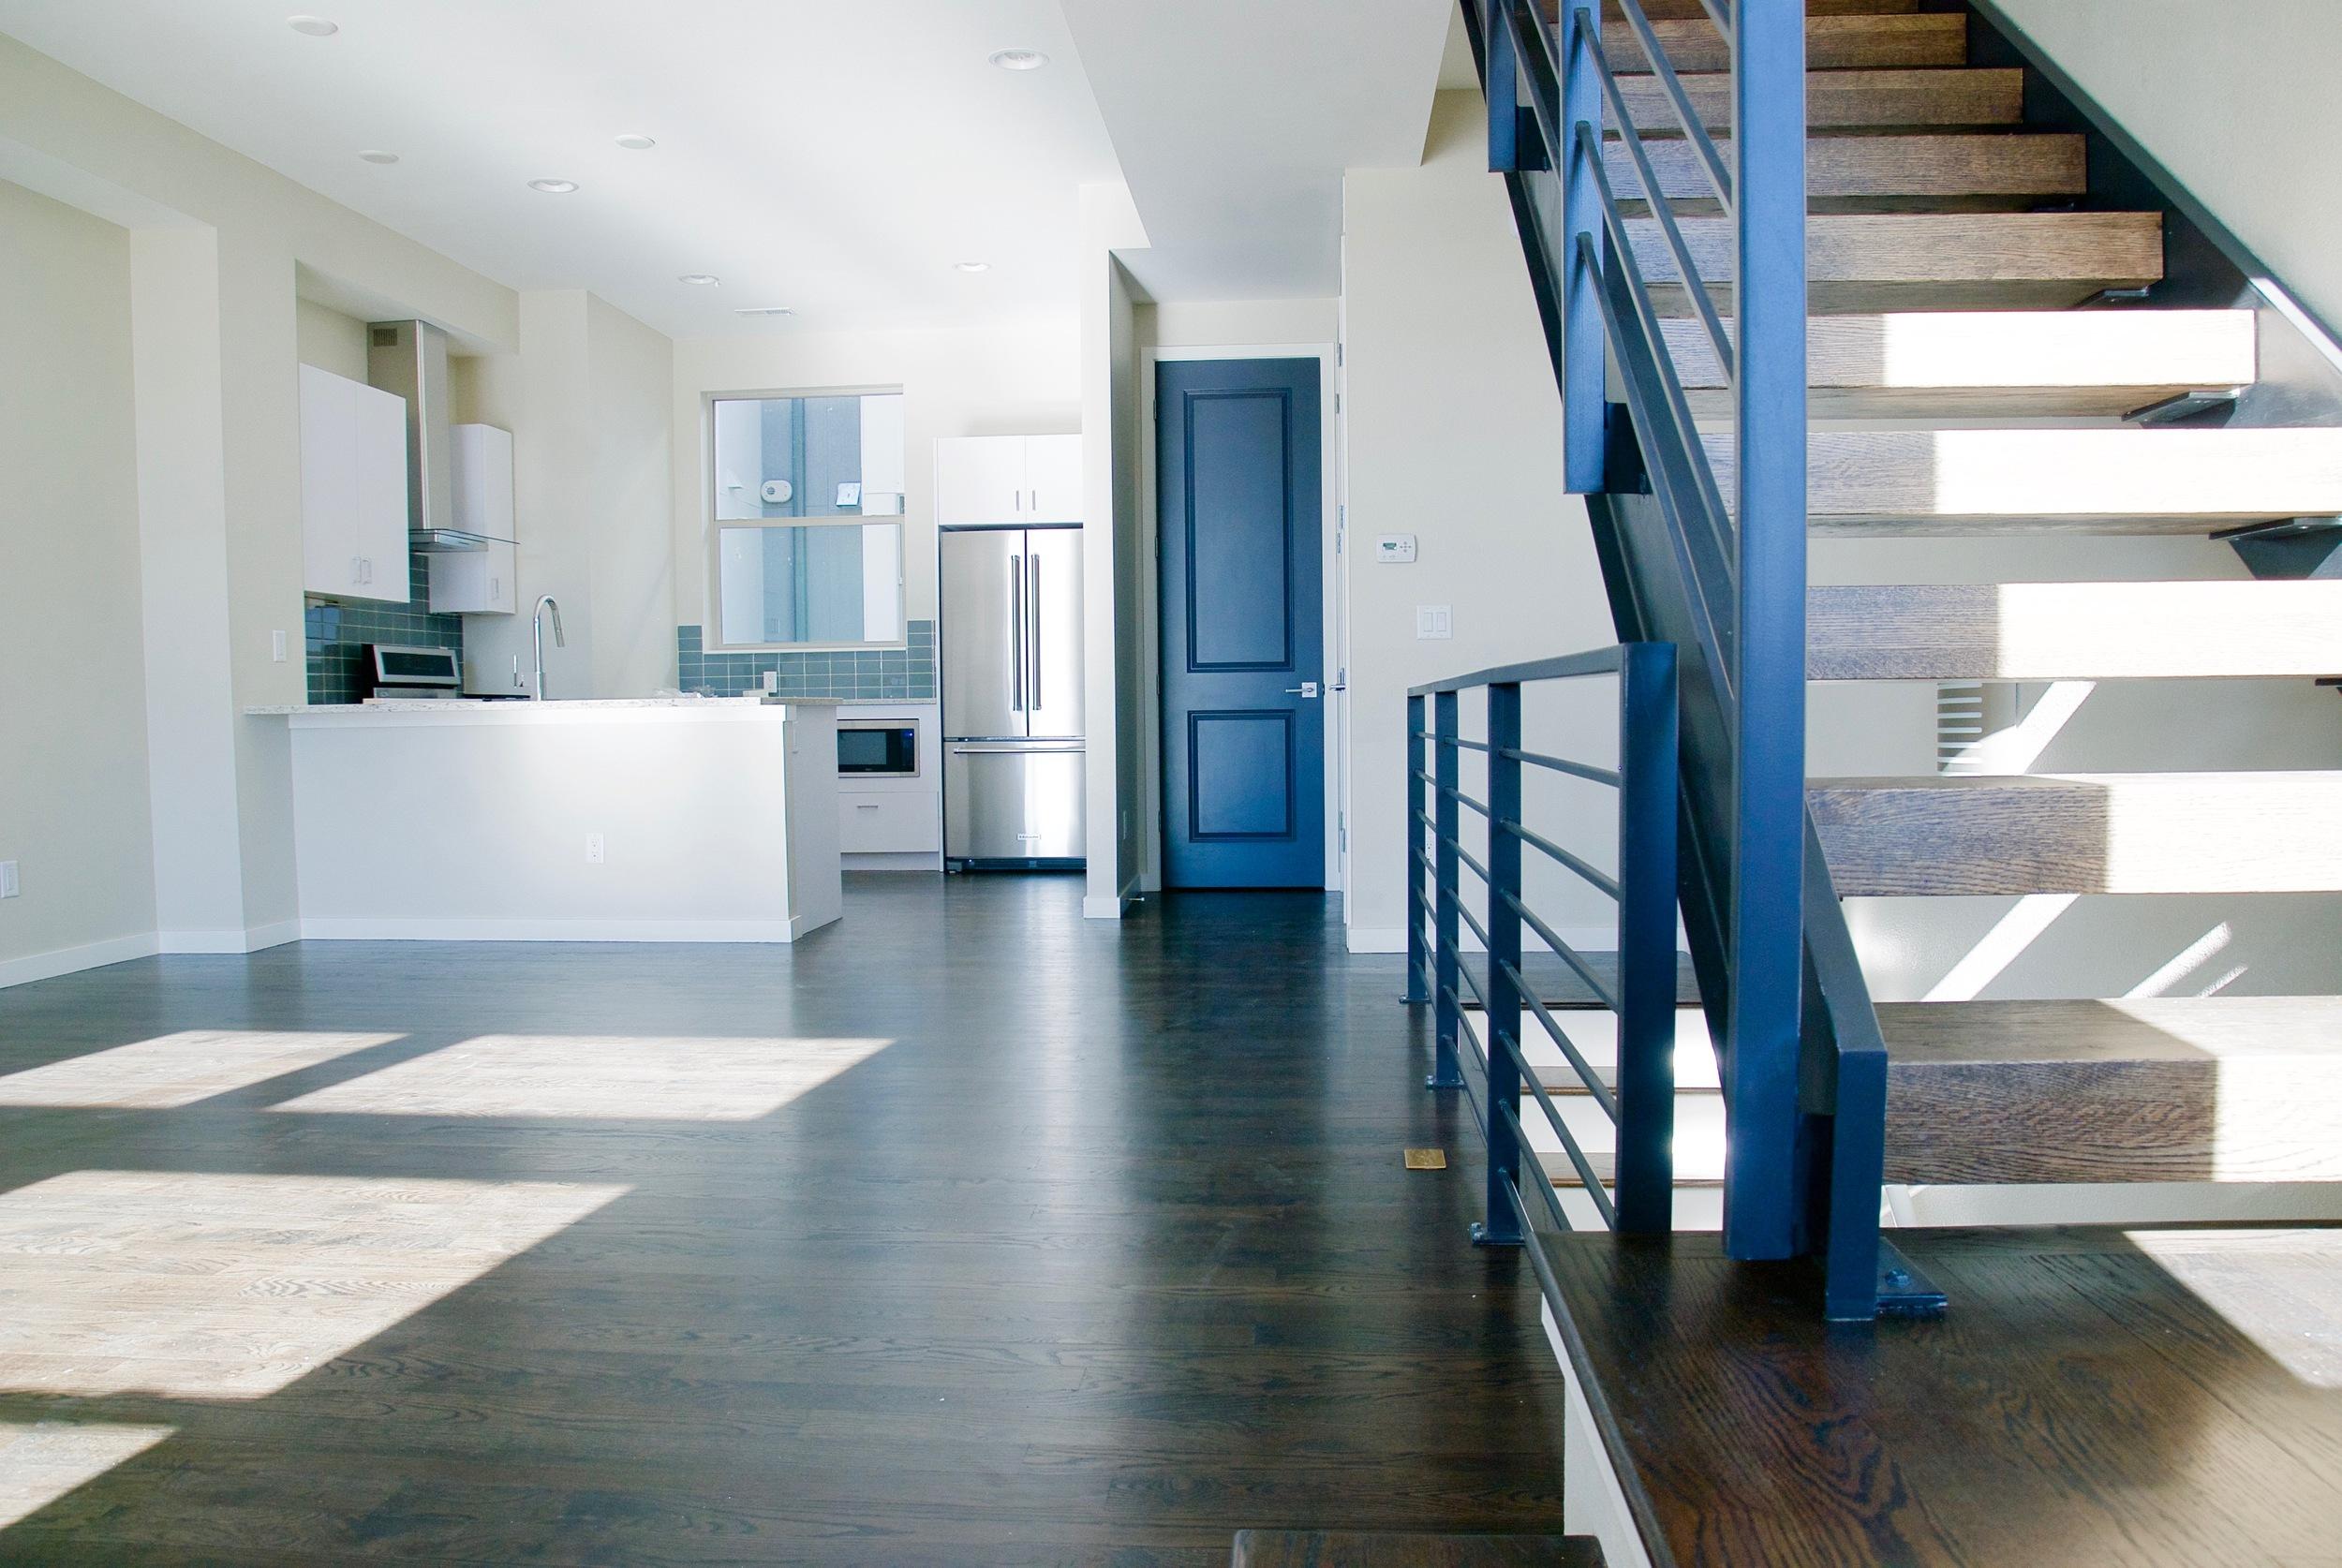 Seventh image of Residential Hardwood Flooring for Zuni Denver by ASA Flooring